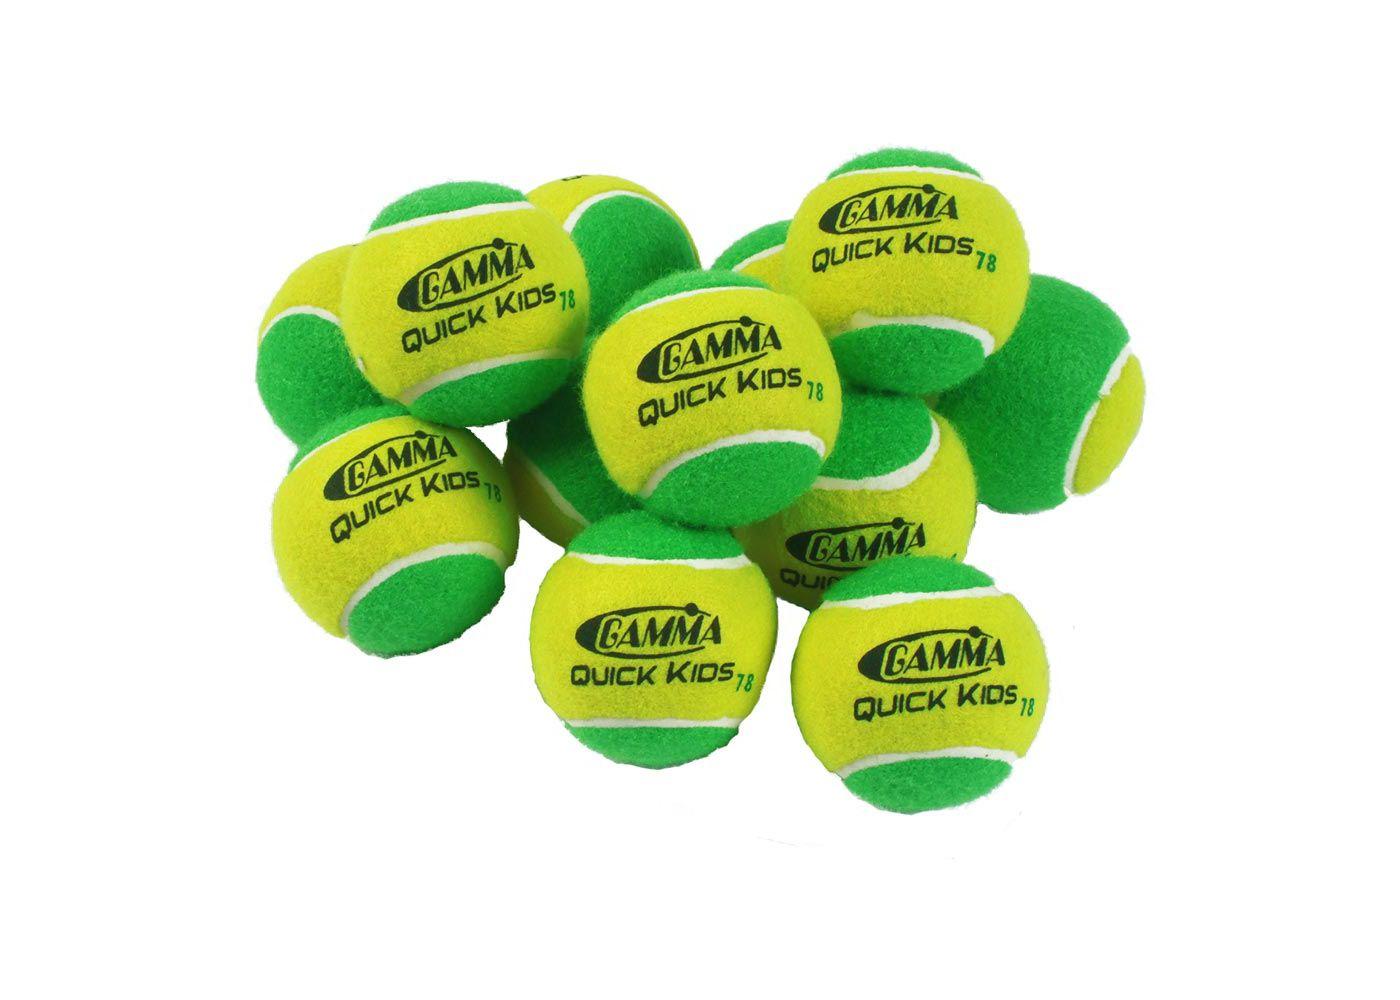 GAMMA Quick Kids 78' Tennis Balls - 12 Ball Pack